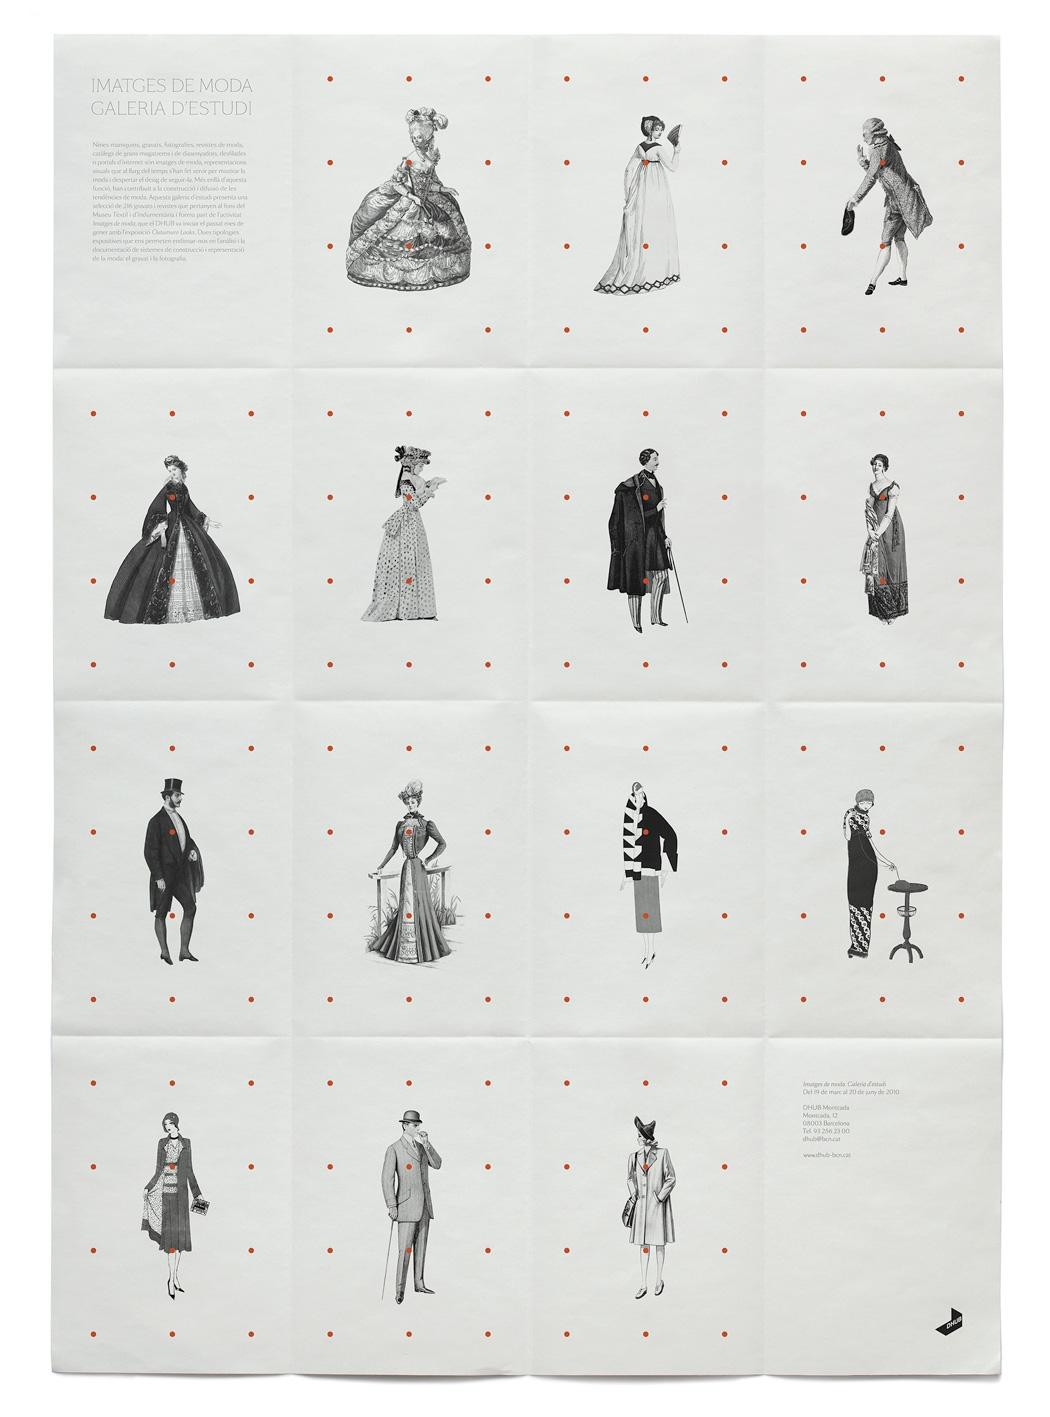 Imatges de Moda : Klas Ernflo